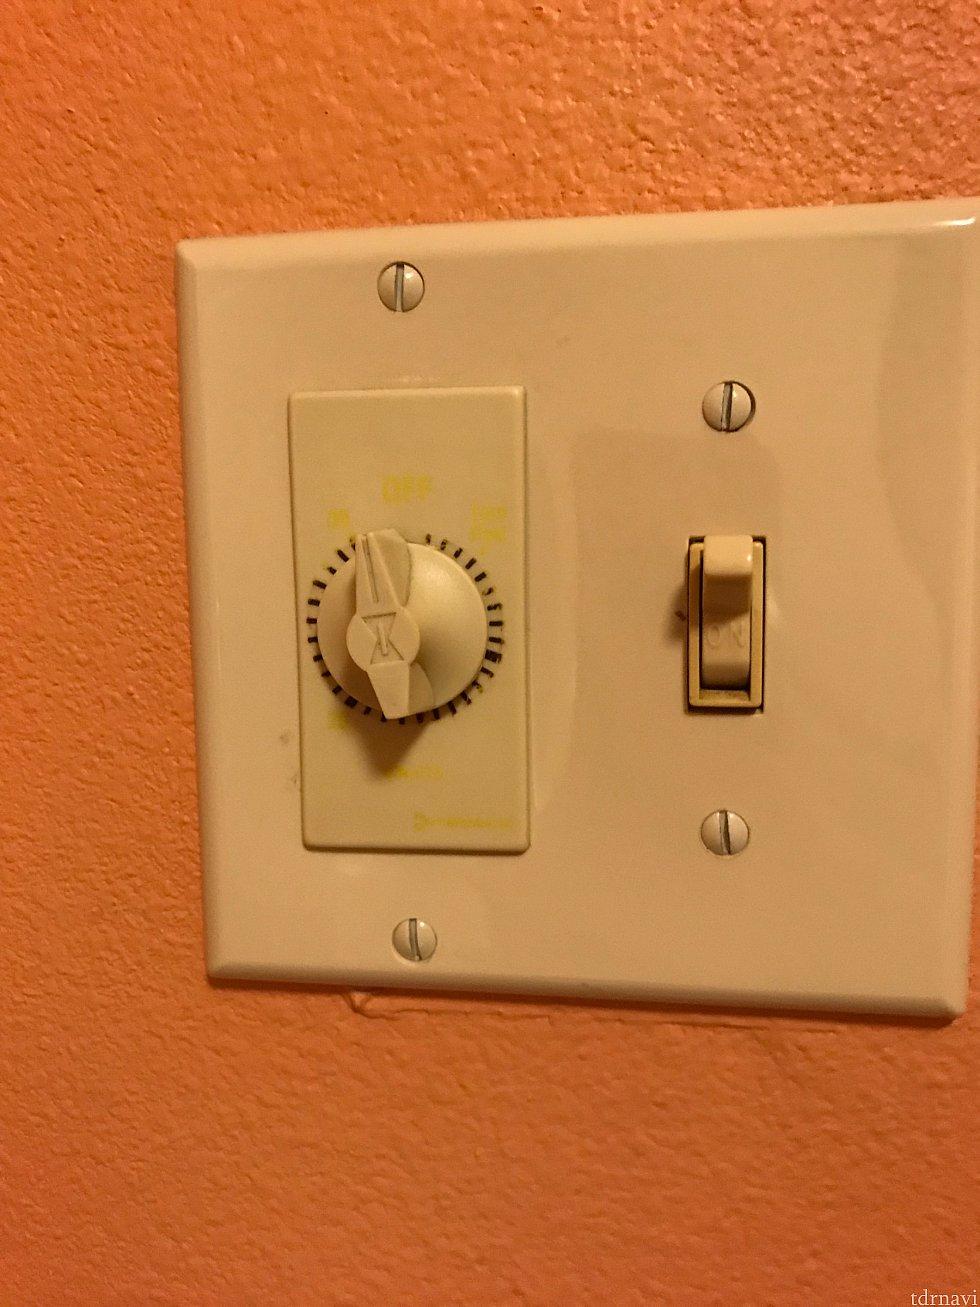 これは部屋のライトをつけるスイッチです 右側のスイッチを上げるとつき、下げると消えます